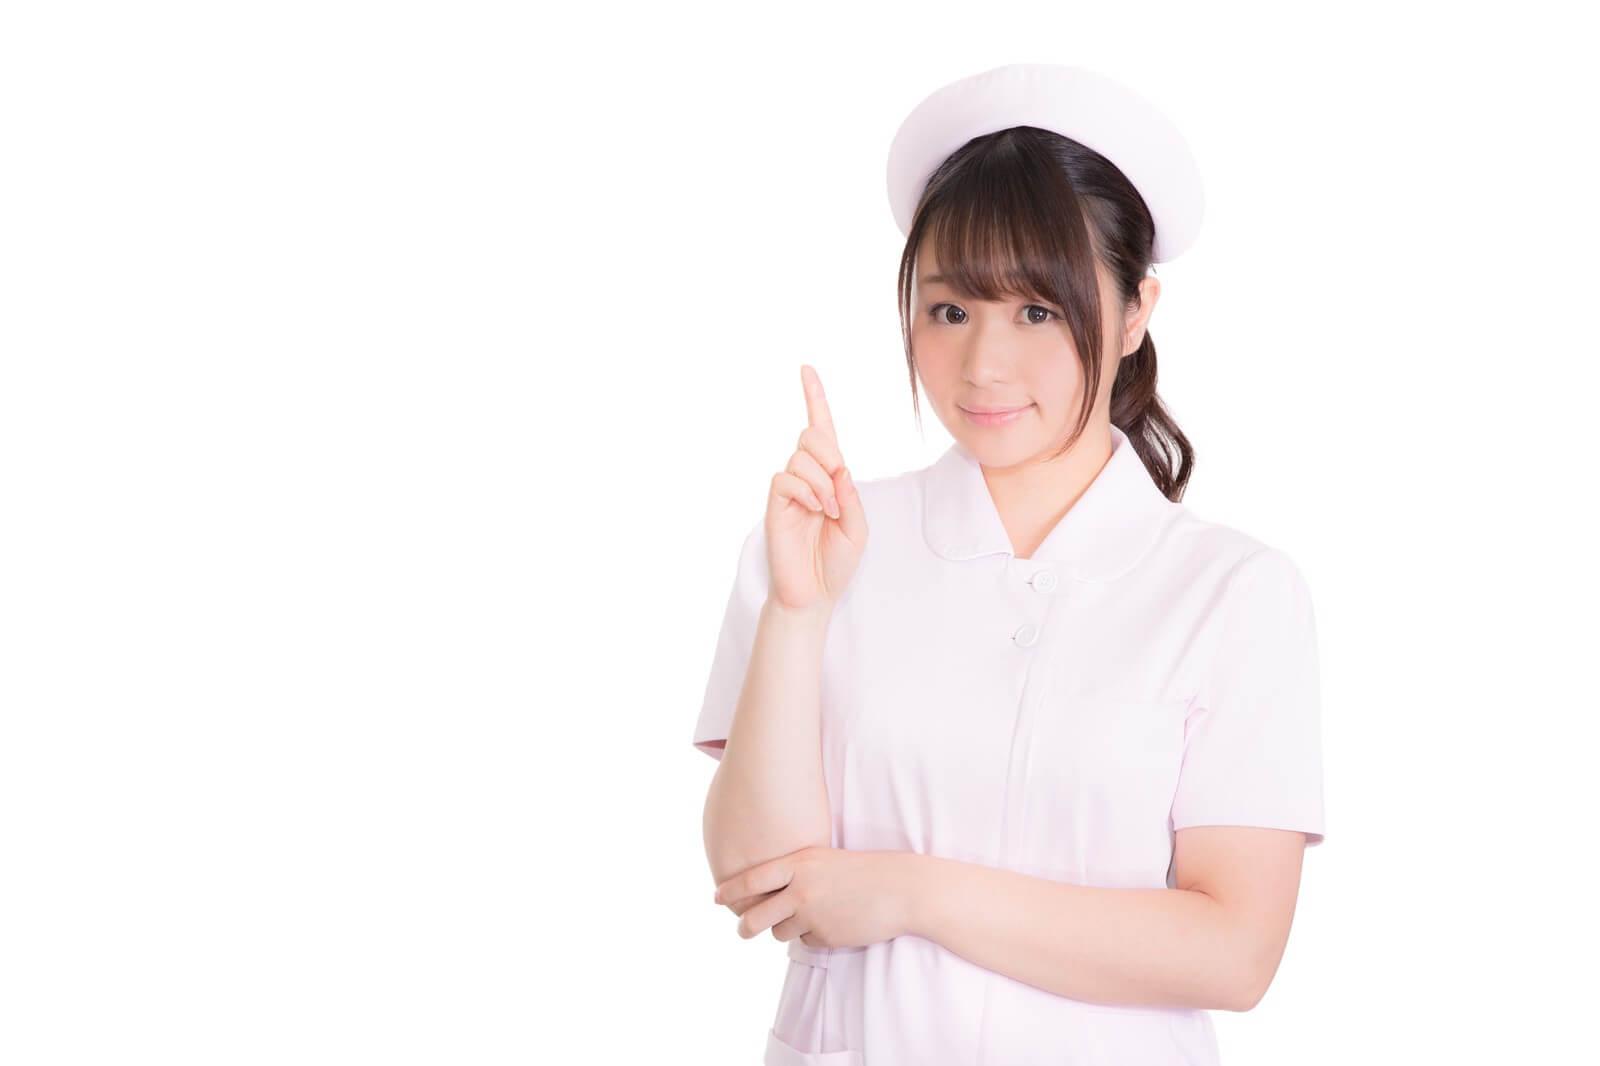 目の充血を心配する看護師